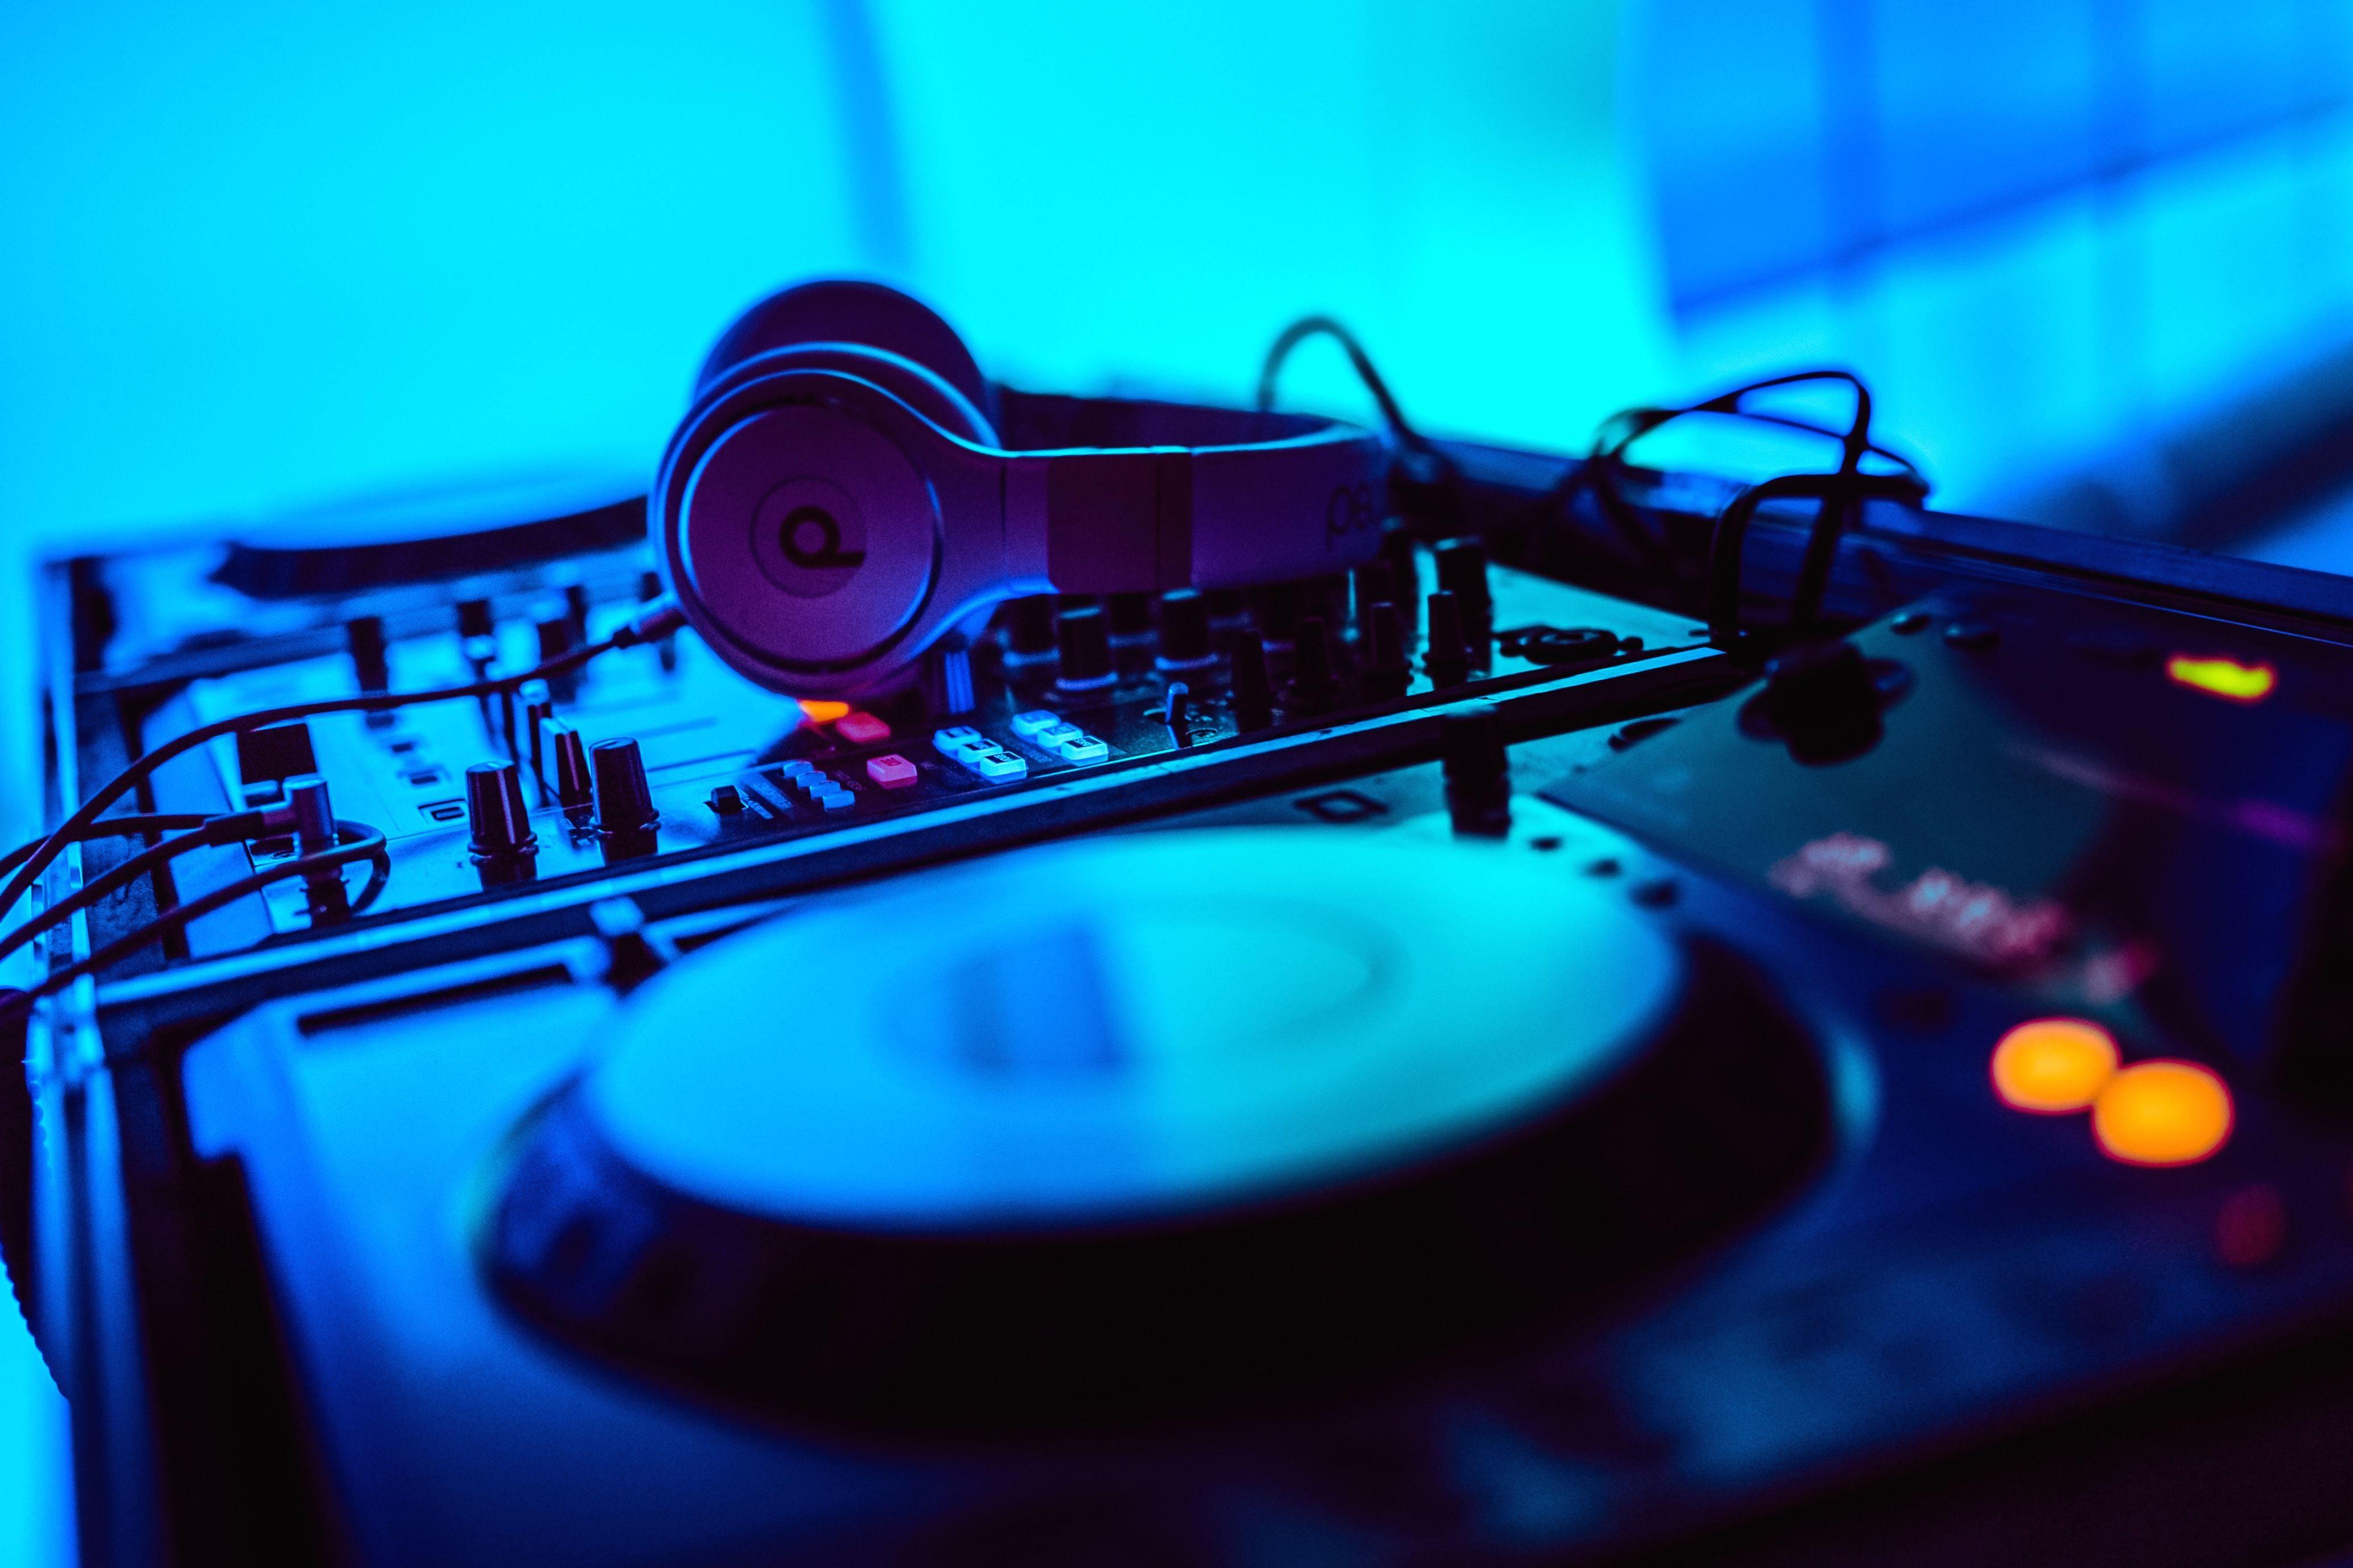 139102 Salvapantallas y fondos de pantalla Música en tu teléfono. Descarga imágenes de Música, Dj, Pinchadiscos, Auriculares, Instalación, Electrónica, Equipo, Sonar, Sonido gratis